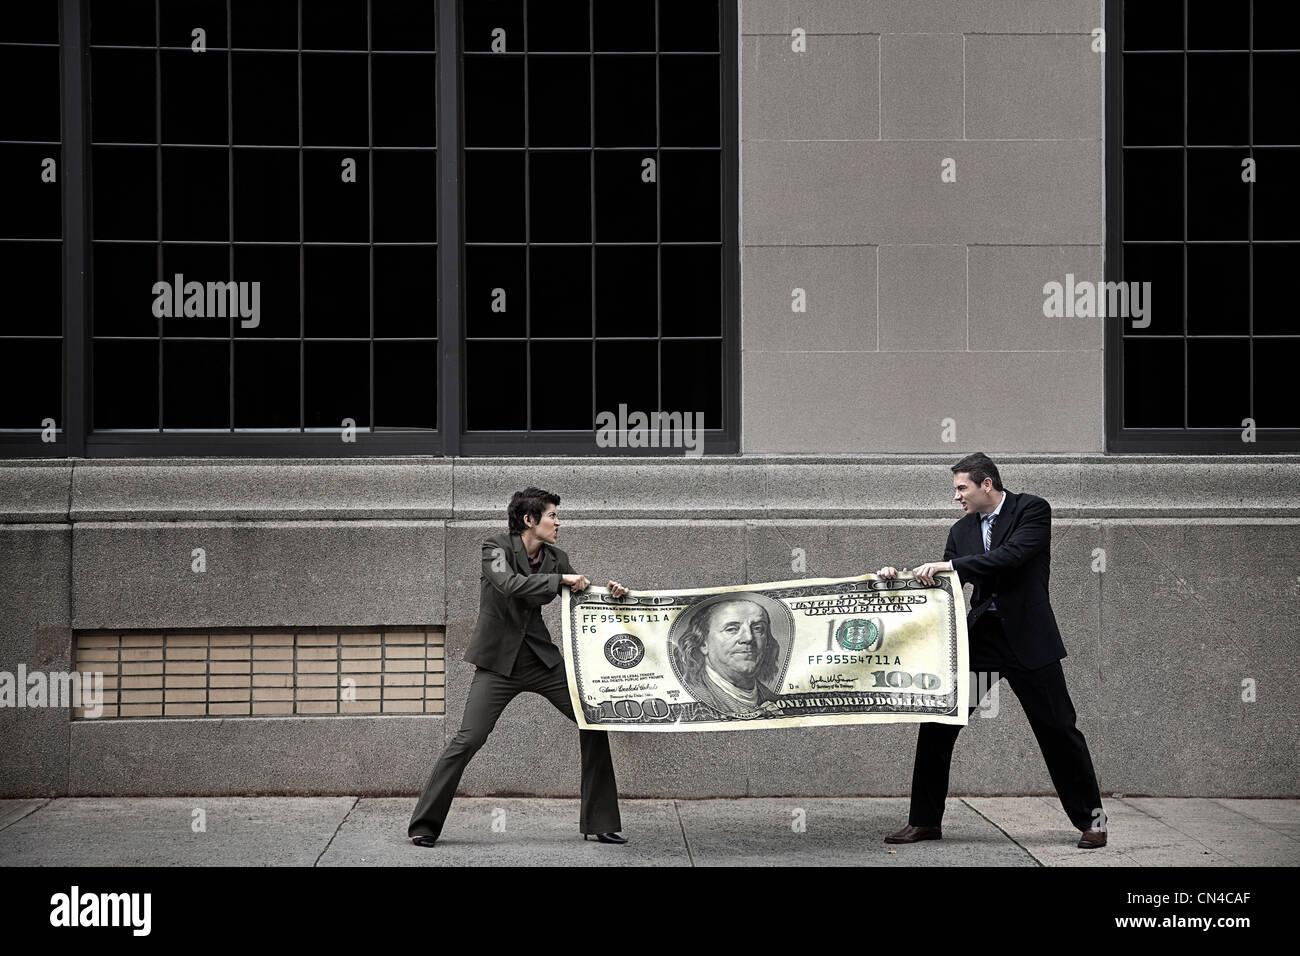 El hombre y la mujer luchando por el gran billete de 100 dólares Imagen De Stock